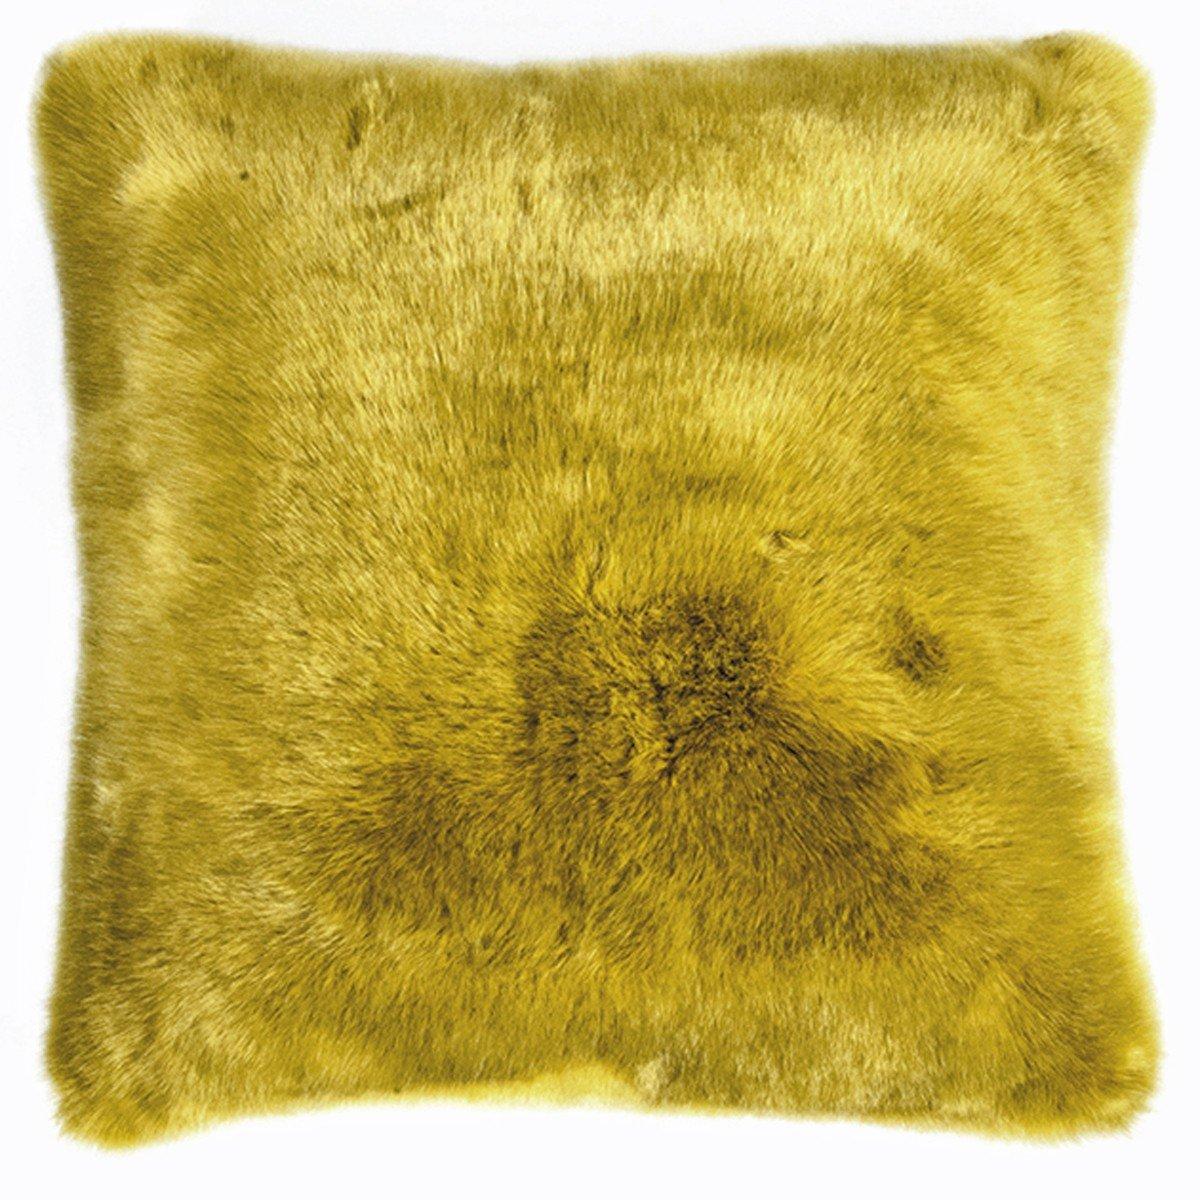 Pad - Kissenhülle - Kissenbezug - SHERIDAN - Kunstfell - mustard   gelb - 45 x 45 cm B015NRD1QE Kissenbezüge